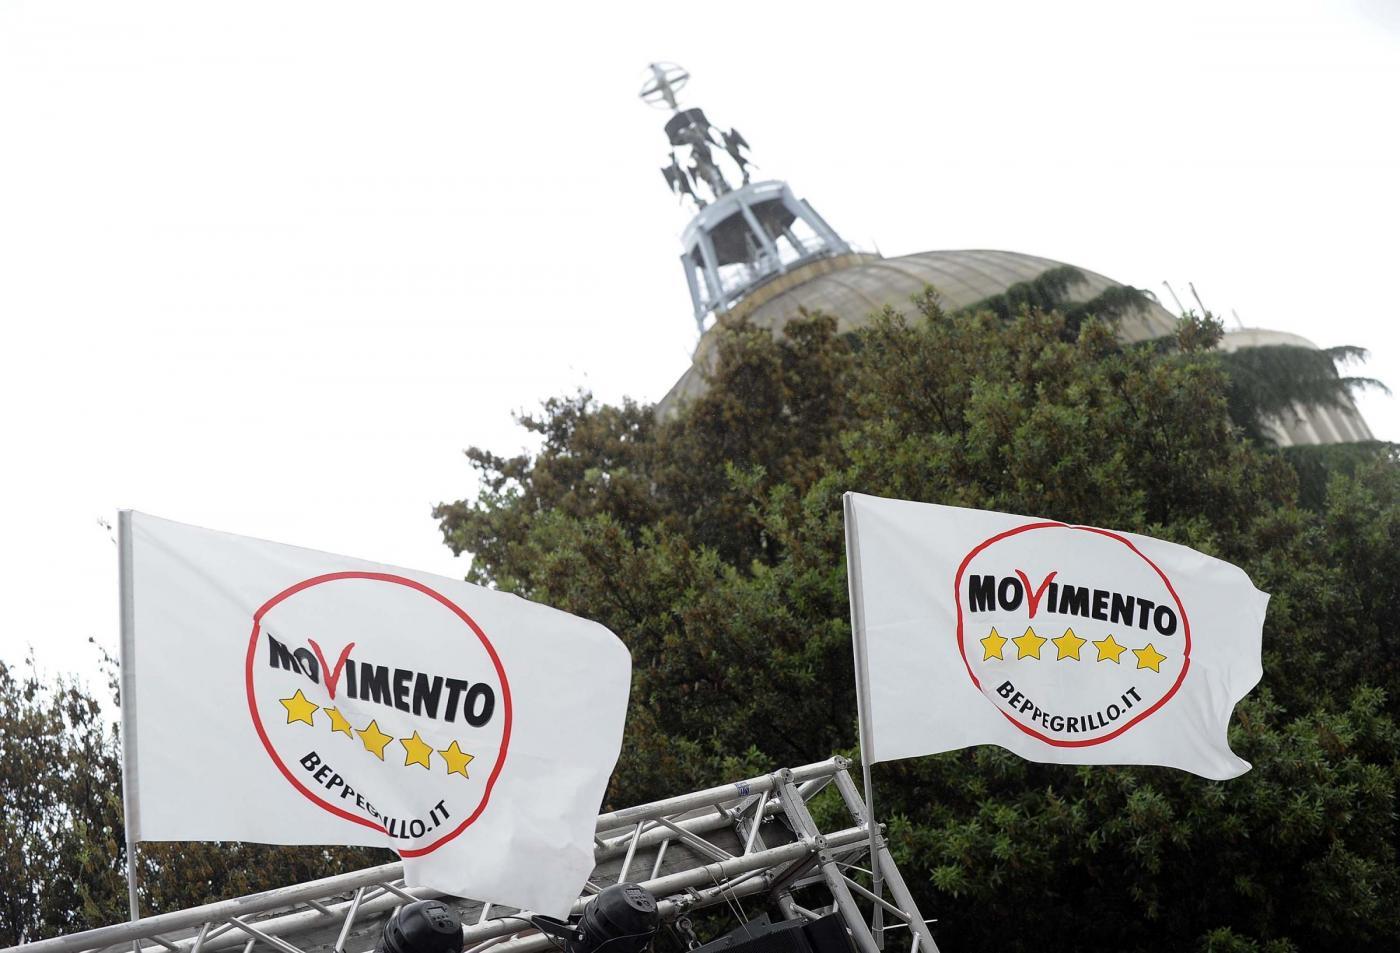 Movimento 5 Stelle, assessore cercasi su Facebook